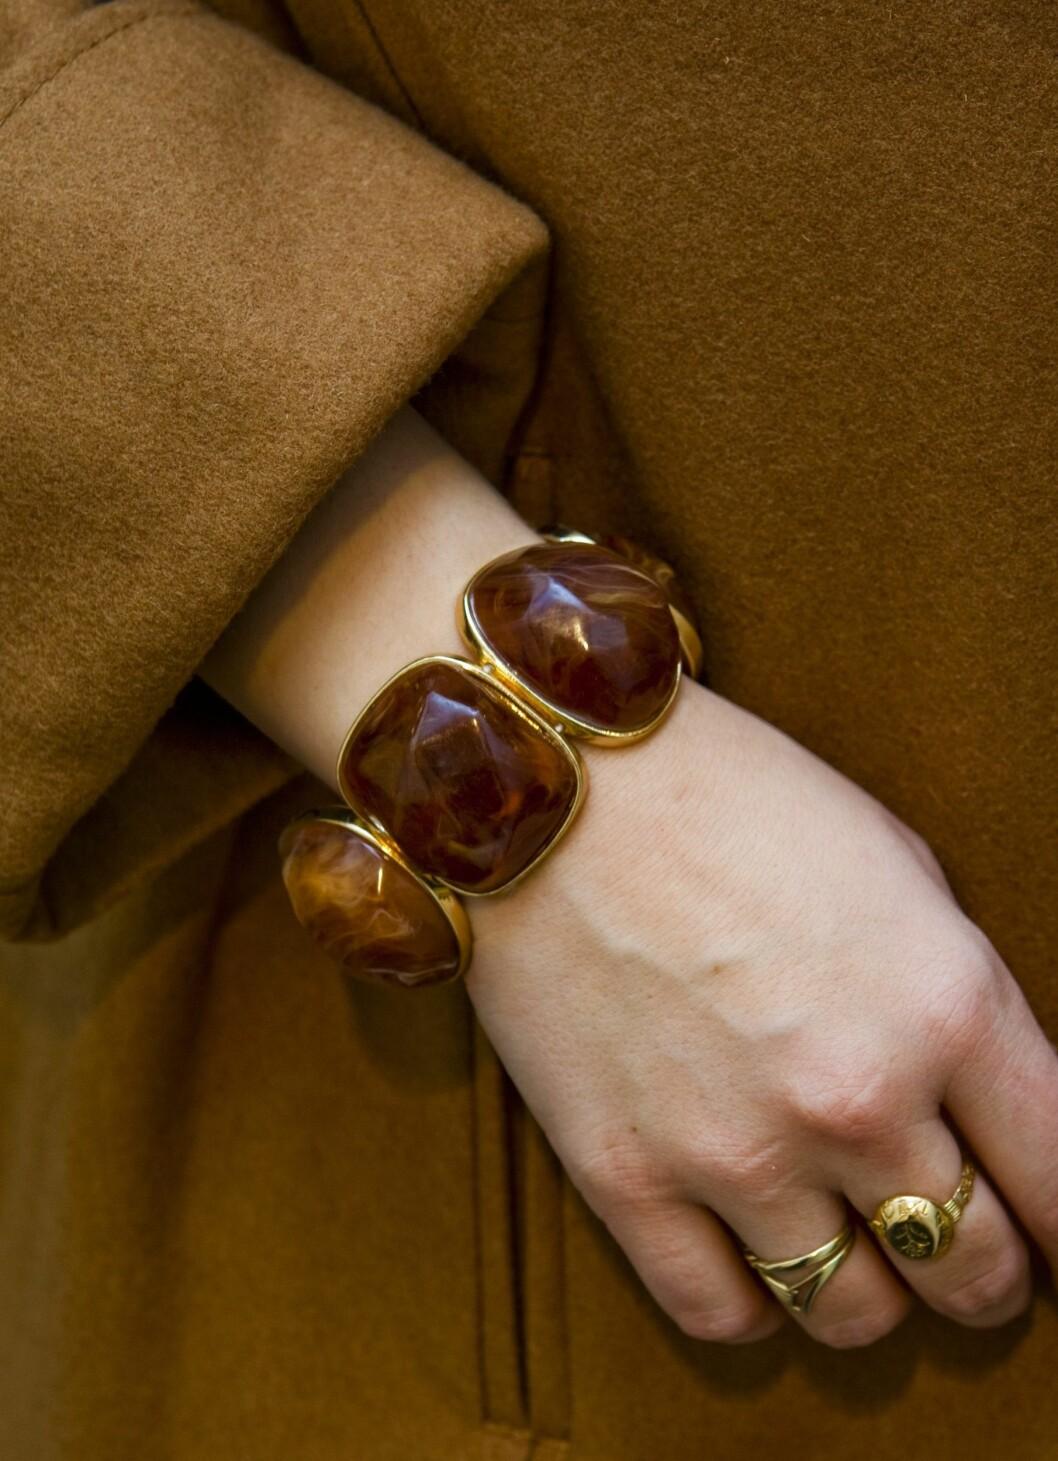 H&M har også masse rimelig tilbehør som passer til de respektive stilene for hver sesong. Et stort armbånd med plastikkstener i matchende brunt står fint både til kjolen og kåpen.